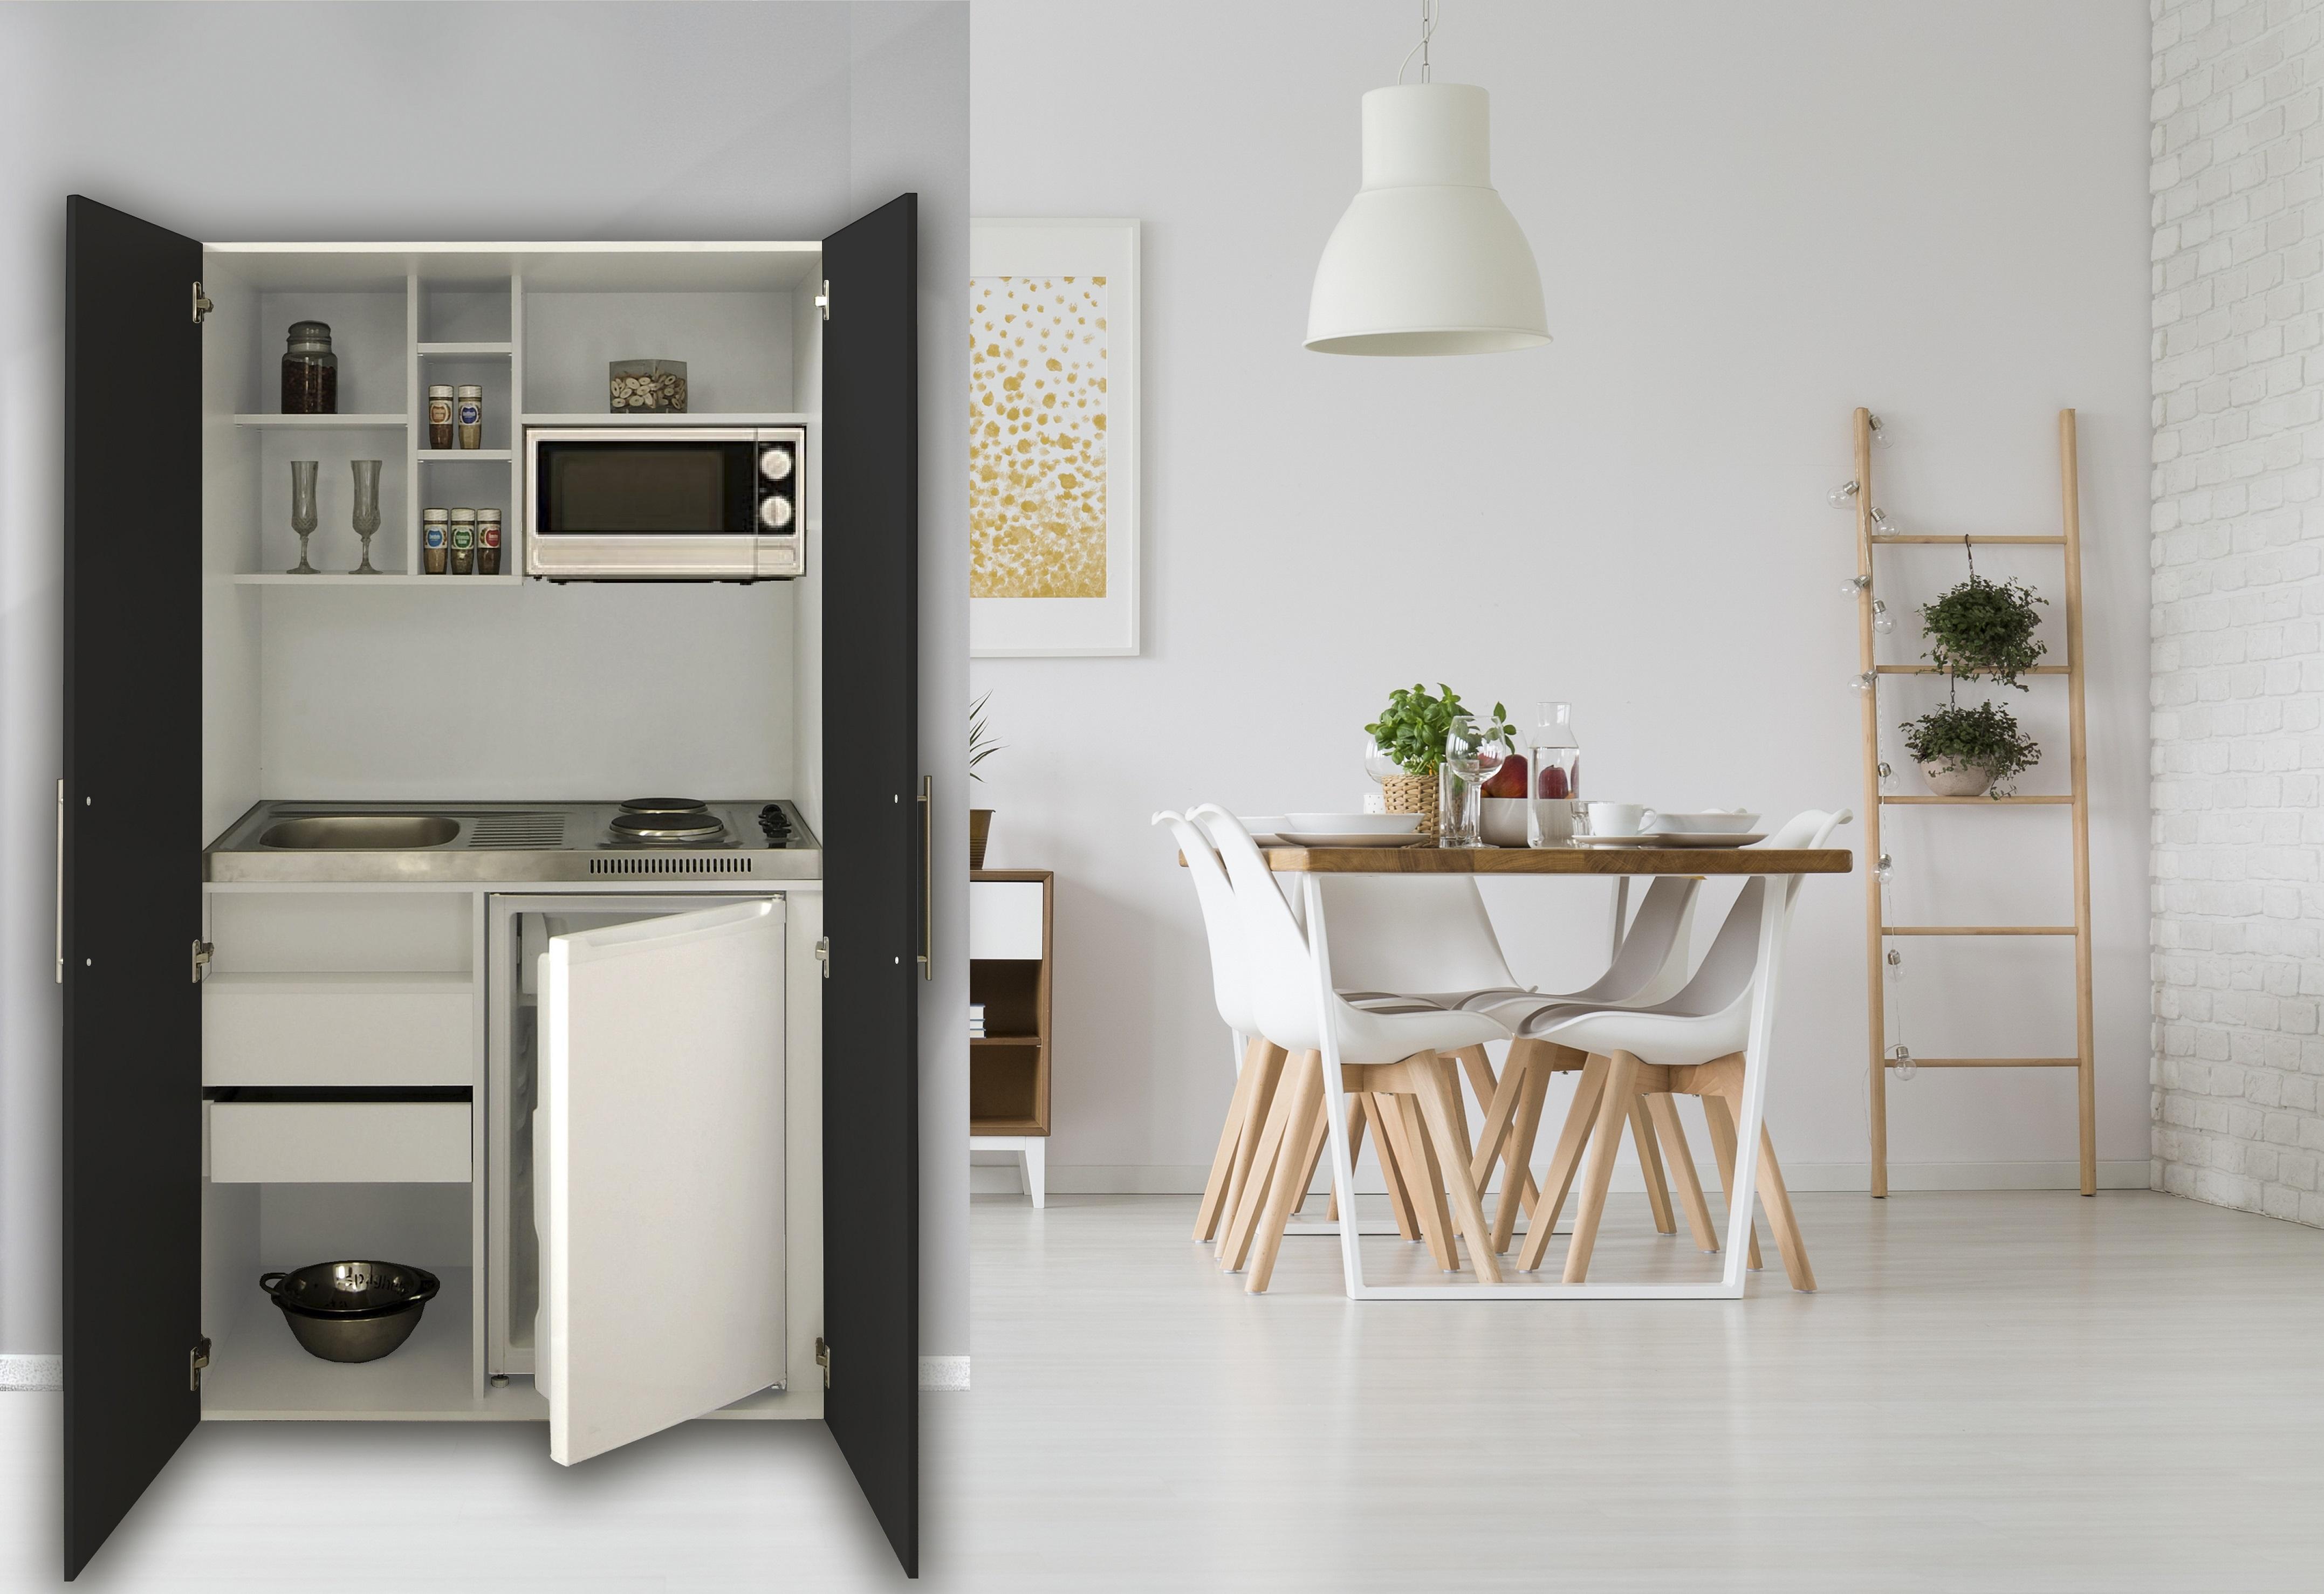 Dettagli su Cucina Armadio Cucina Mini Cucina Blocco Cucina Angolo Cottura  Bianco Nero